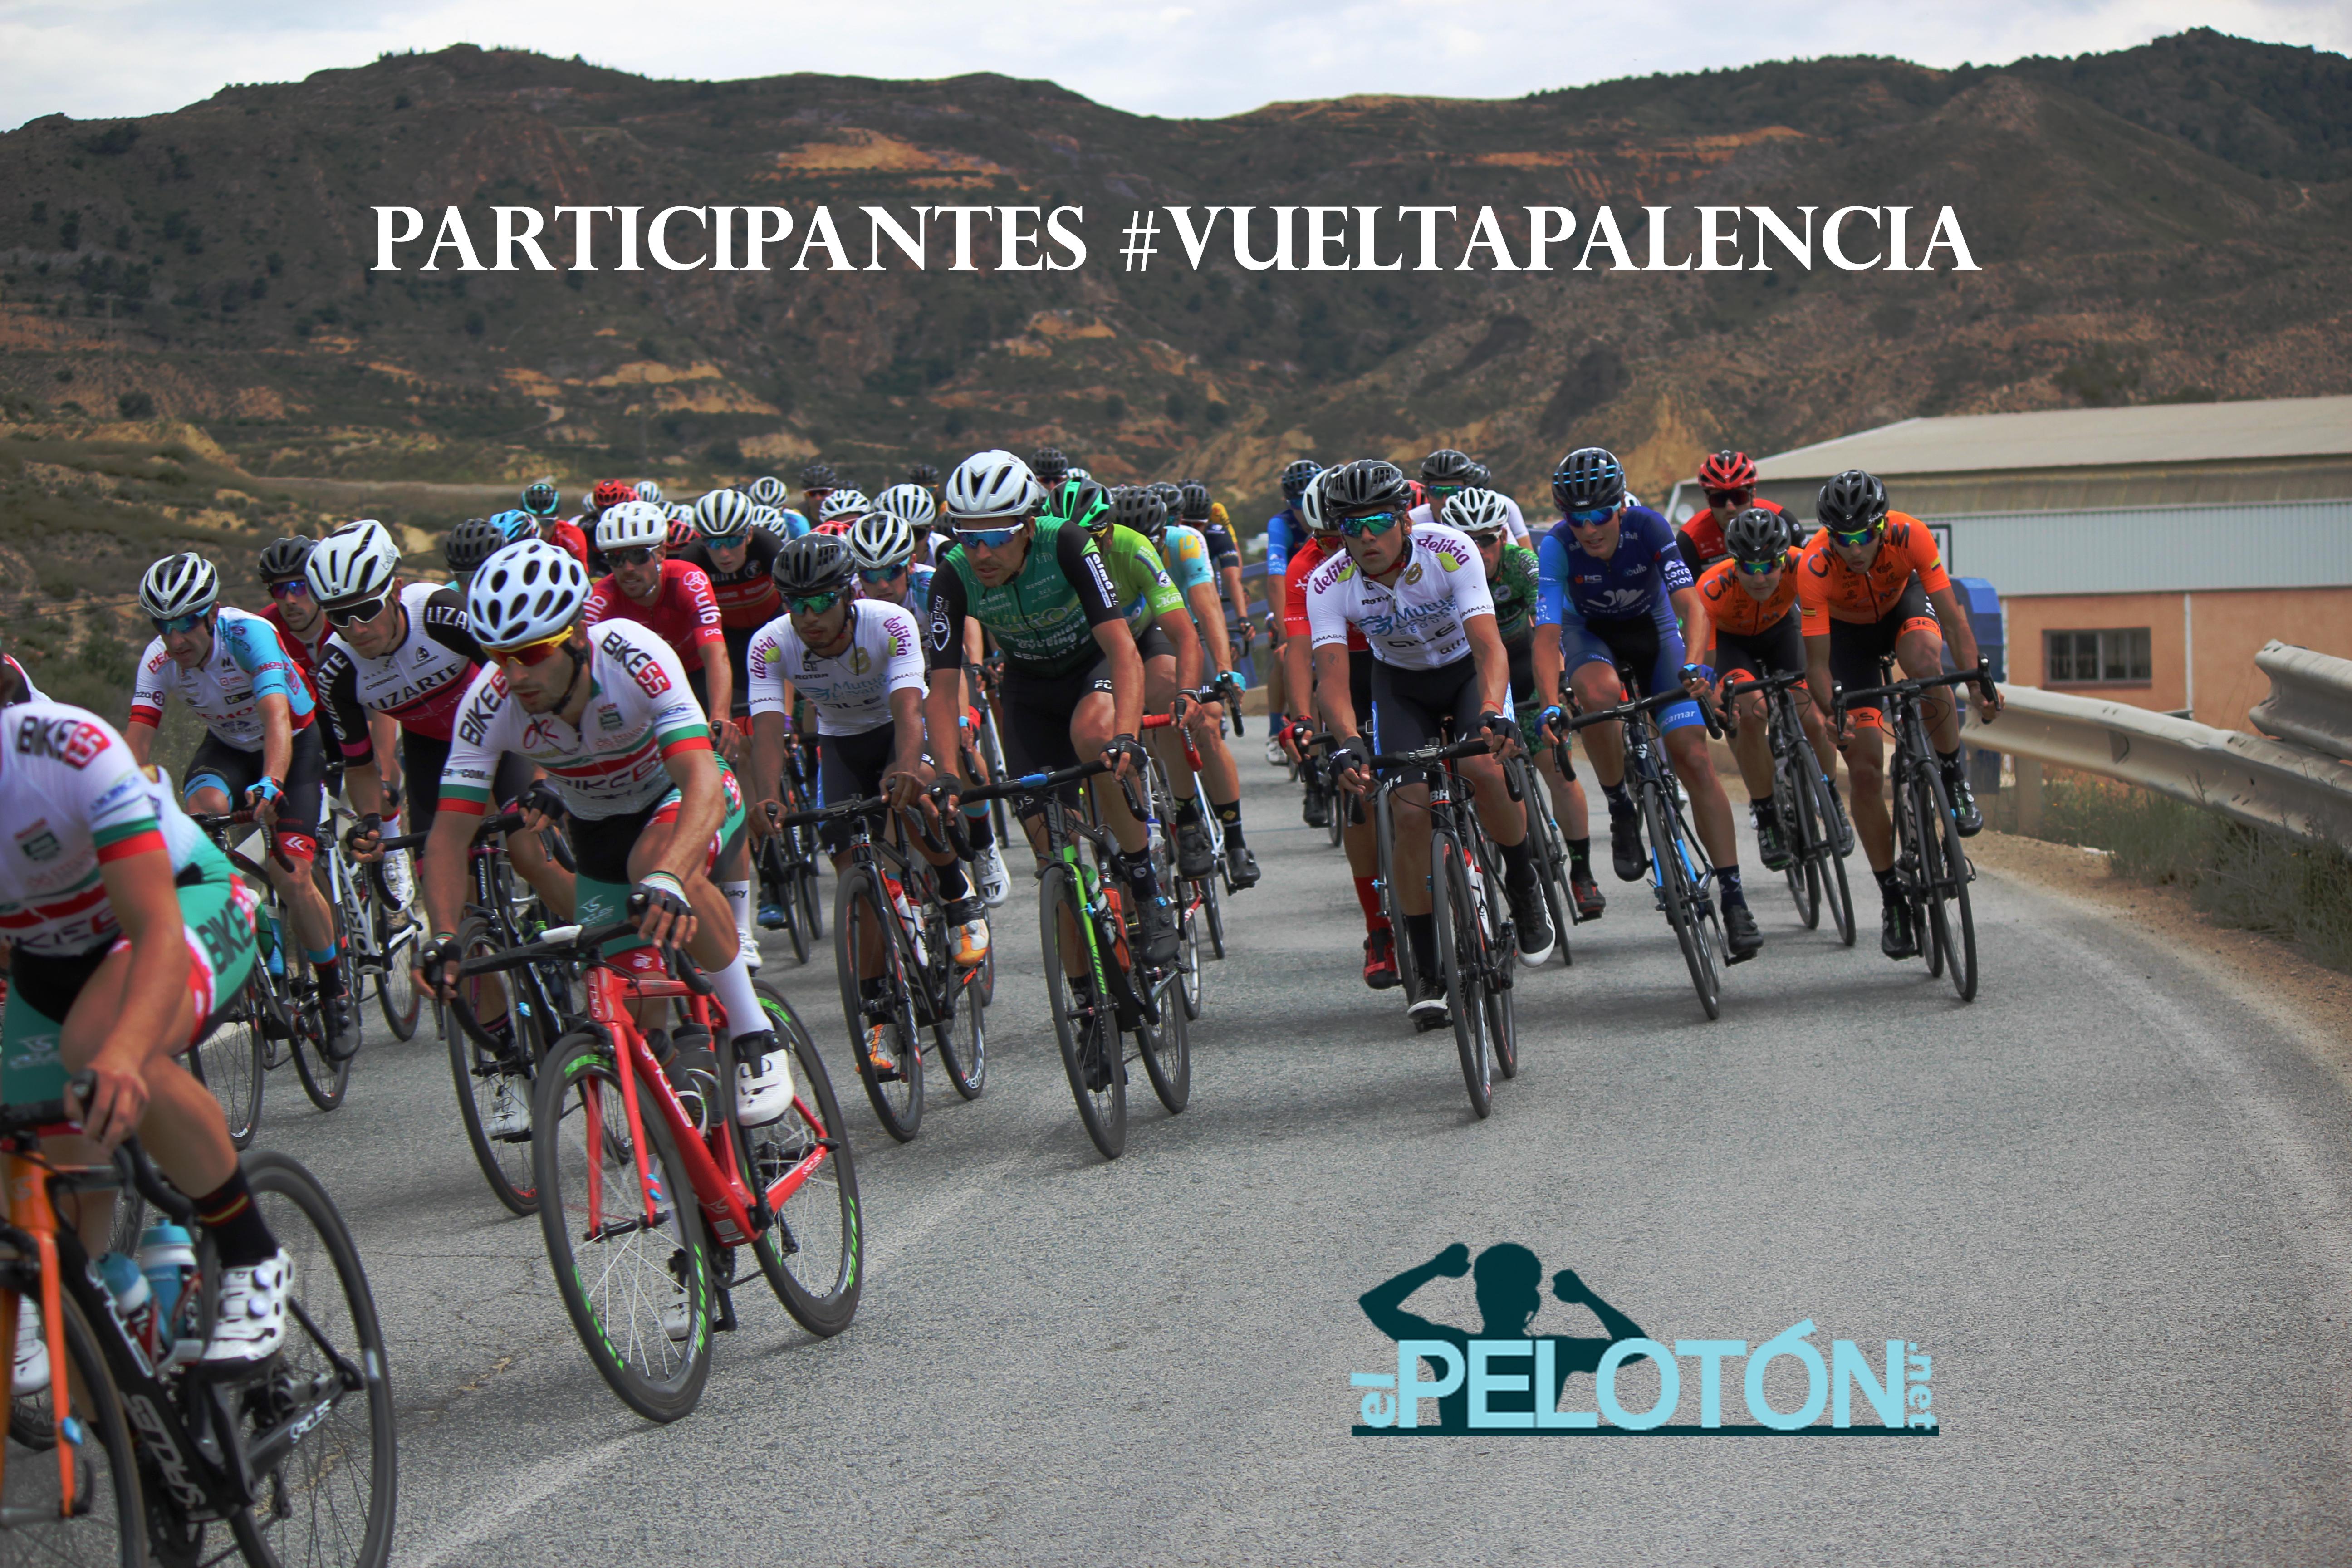 Participantes Vuelta Palencia